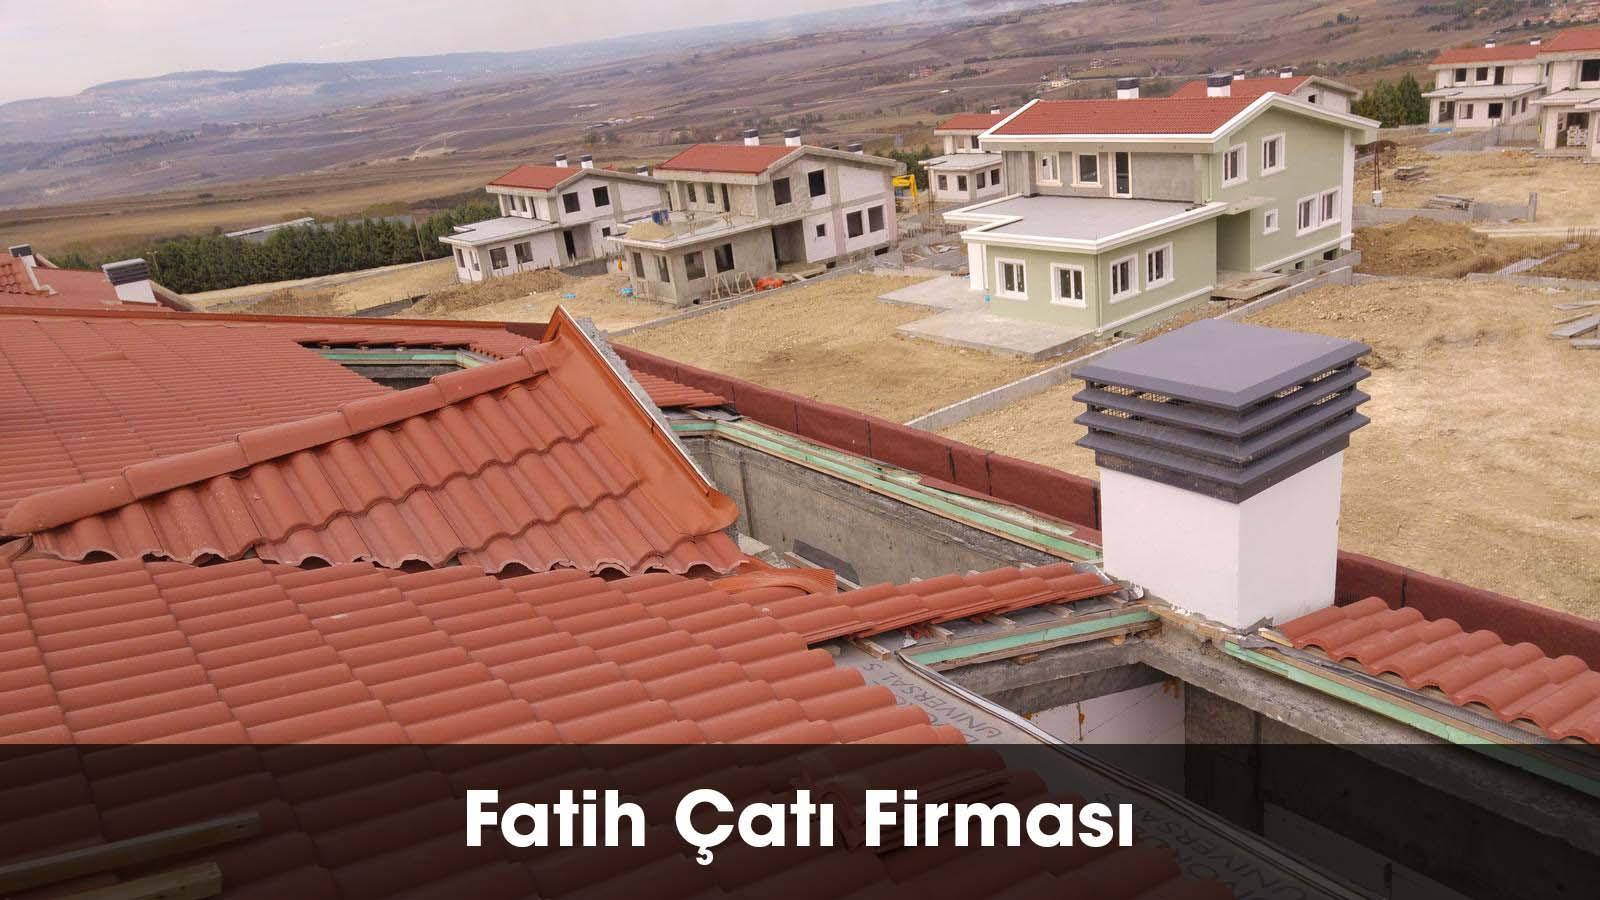 Fatih çatı firması